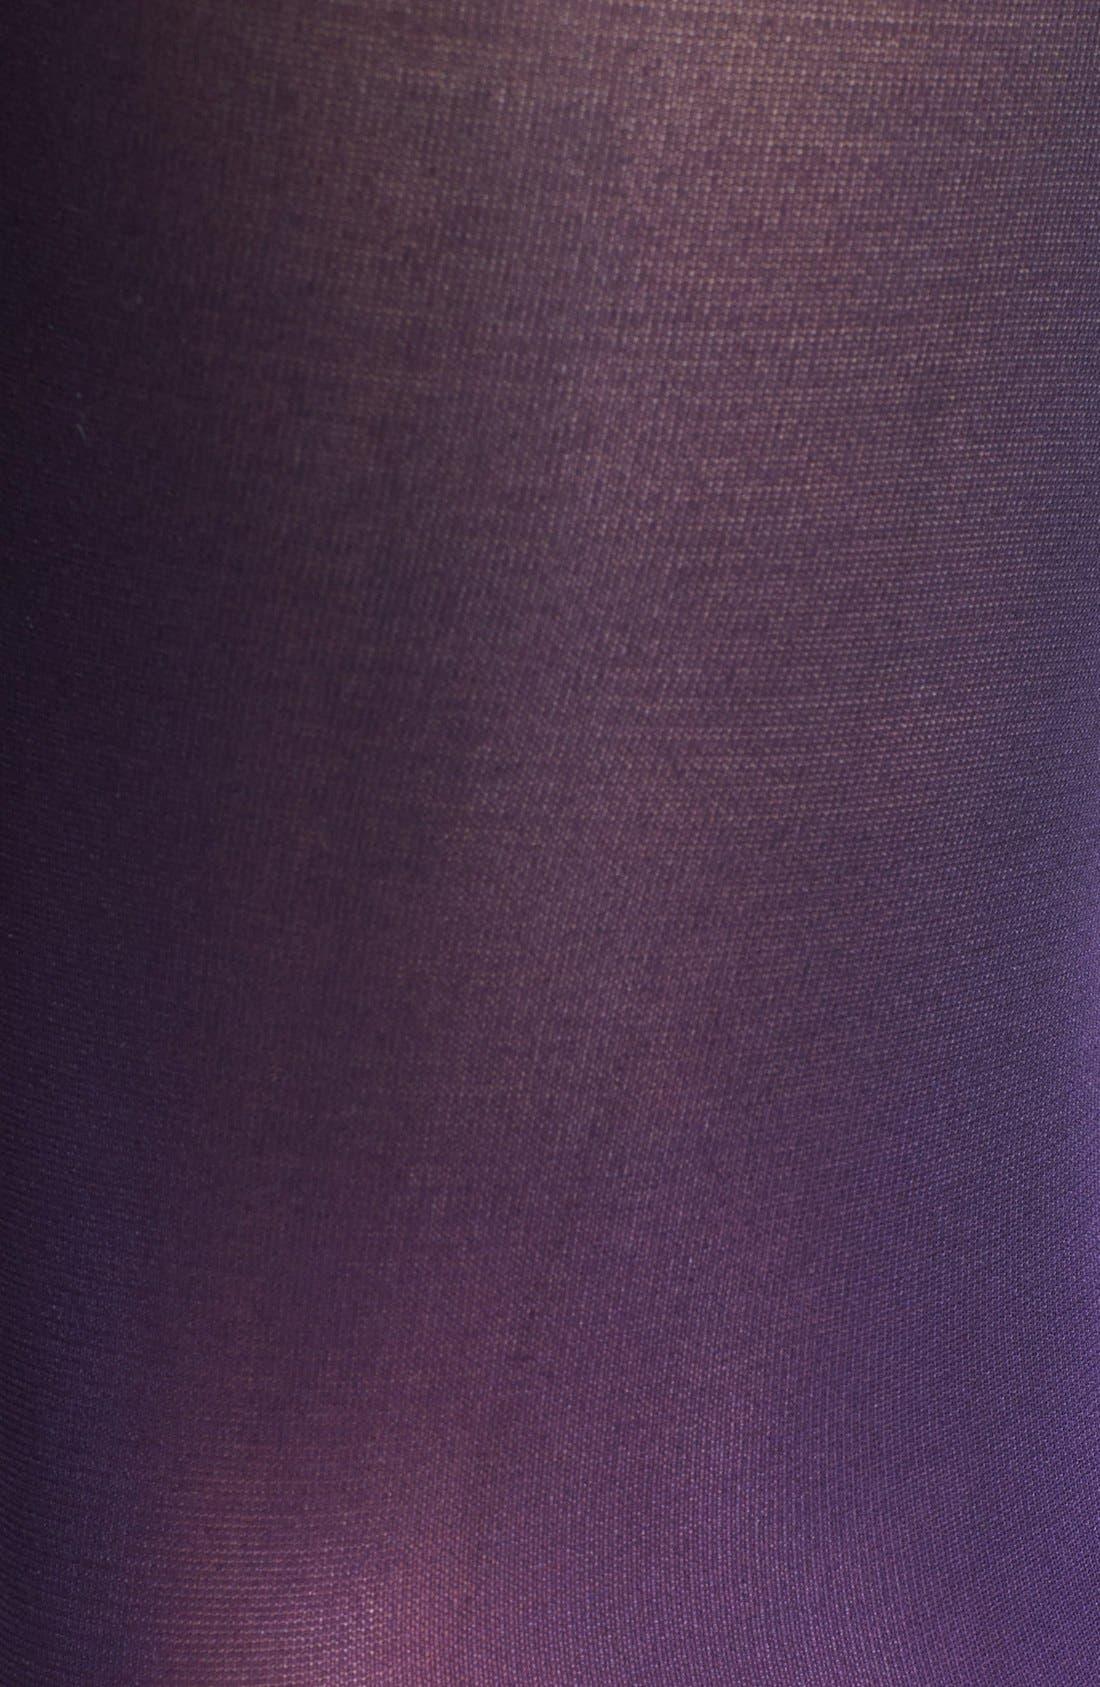 Alternate Image 2  - DKNY Ombré Tights